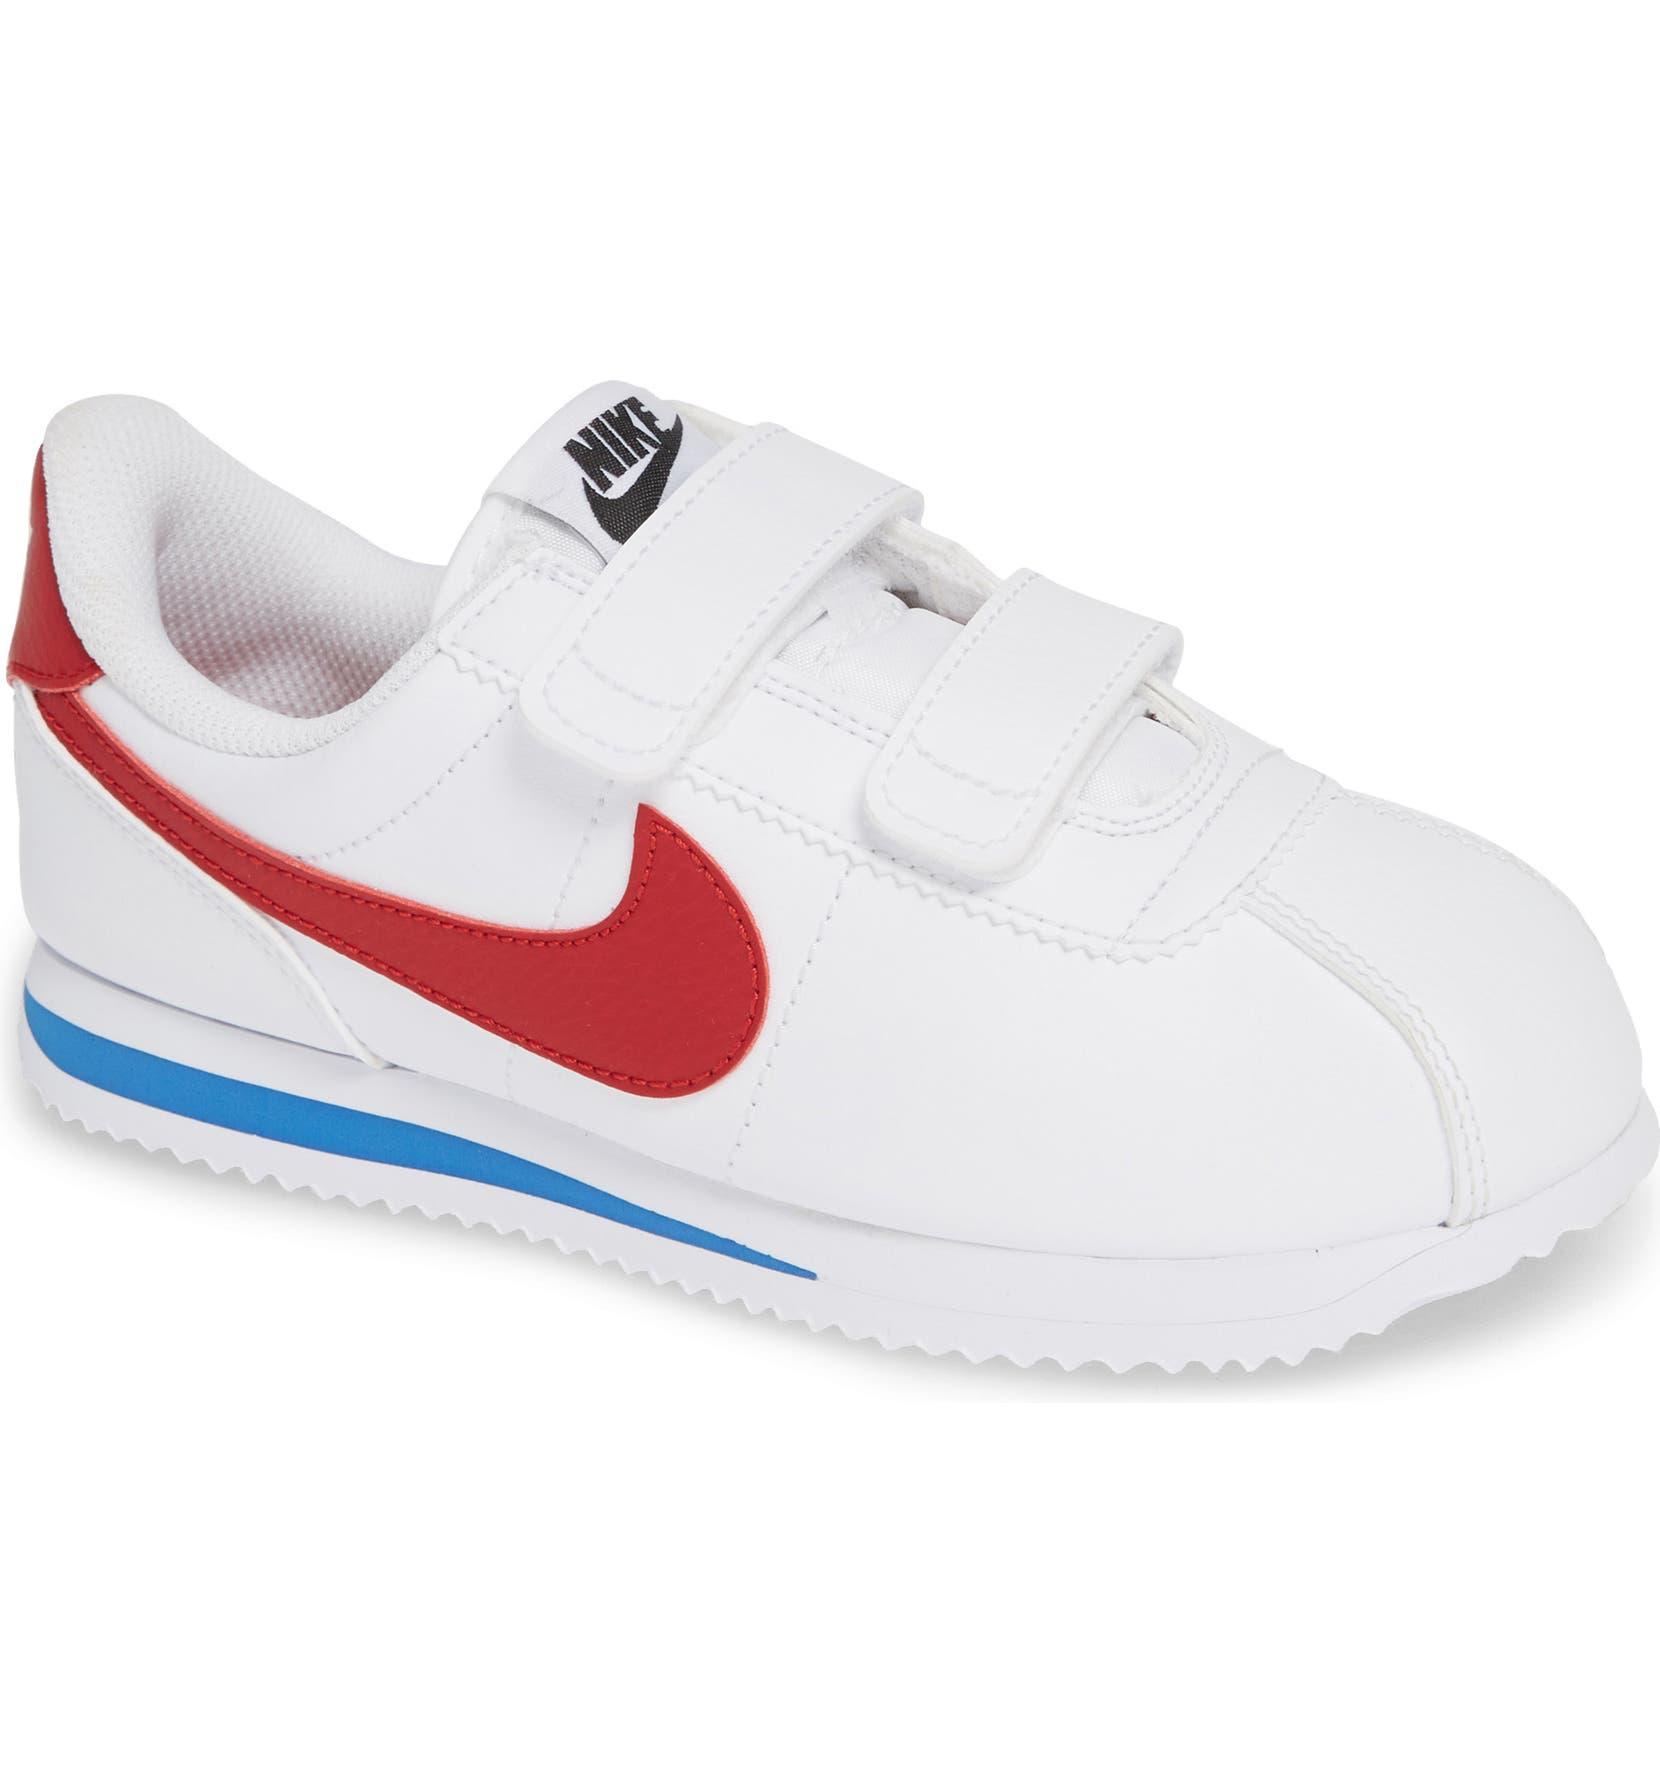 revendeur ff31e 55af9 Cortez Basic SL Sneaker